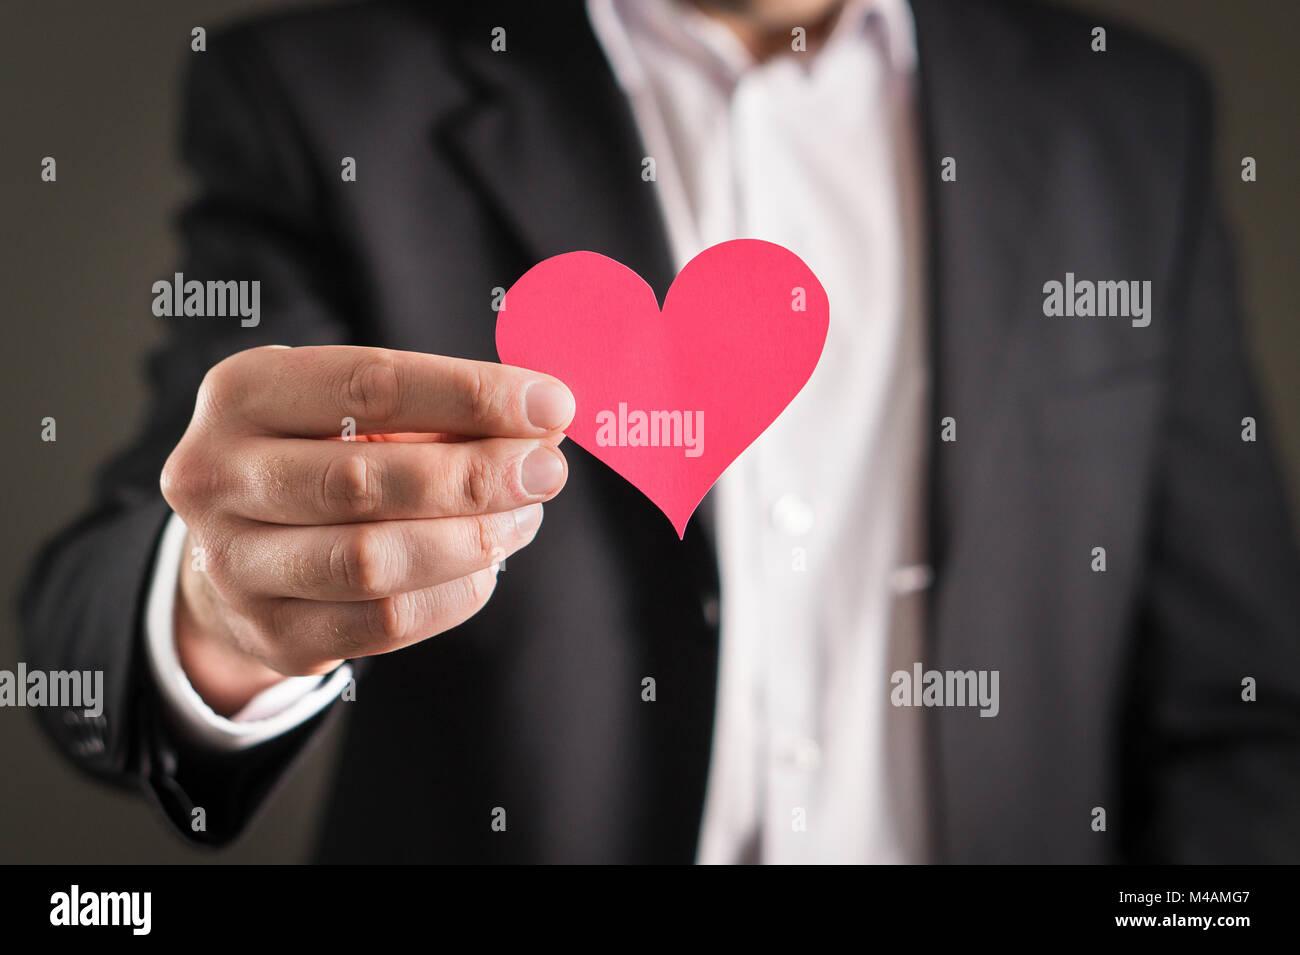 Uomo in un vestito e un cartone cuore di carta. Imprenditore o fidanzata con un simbolo d'amore. Proposta, matrimoni, Immagini Stock